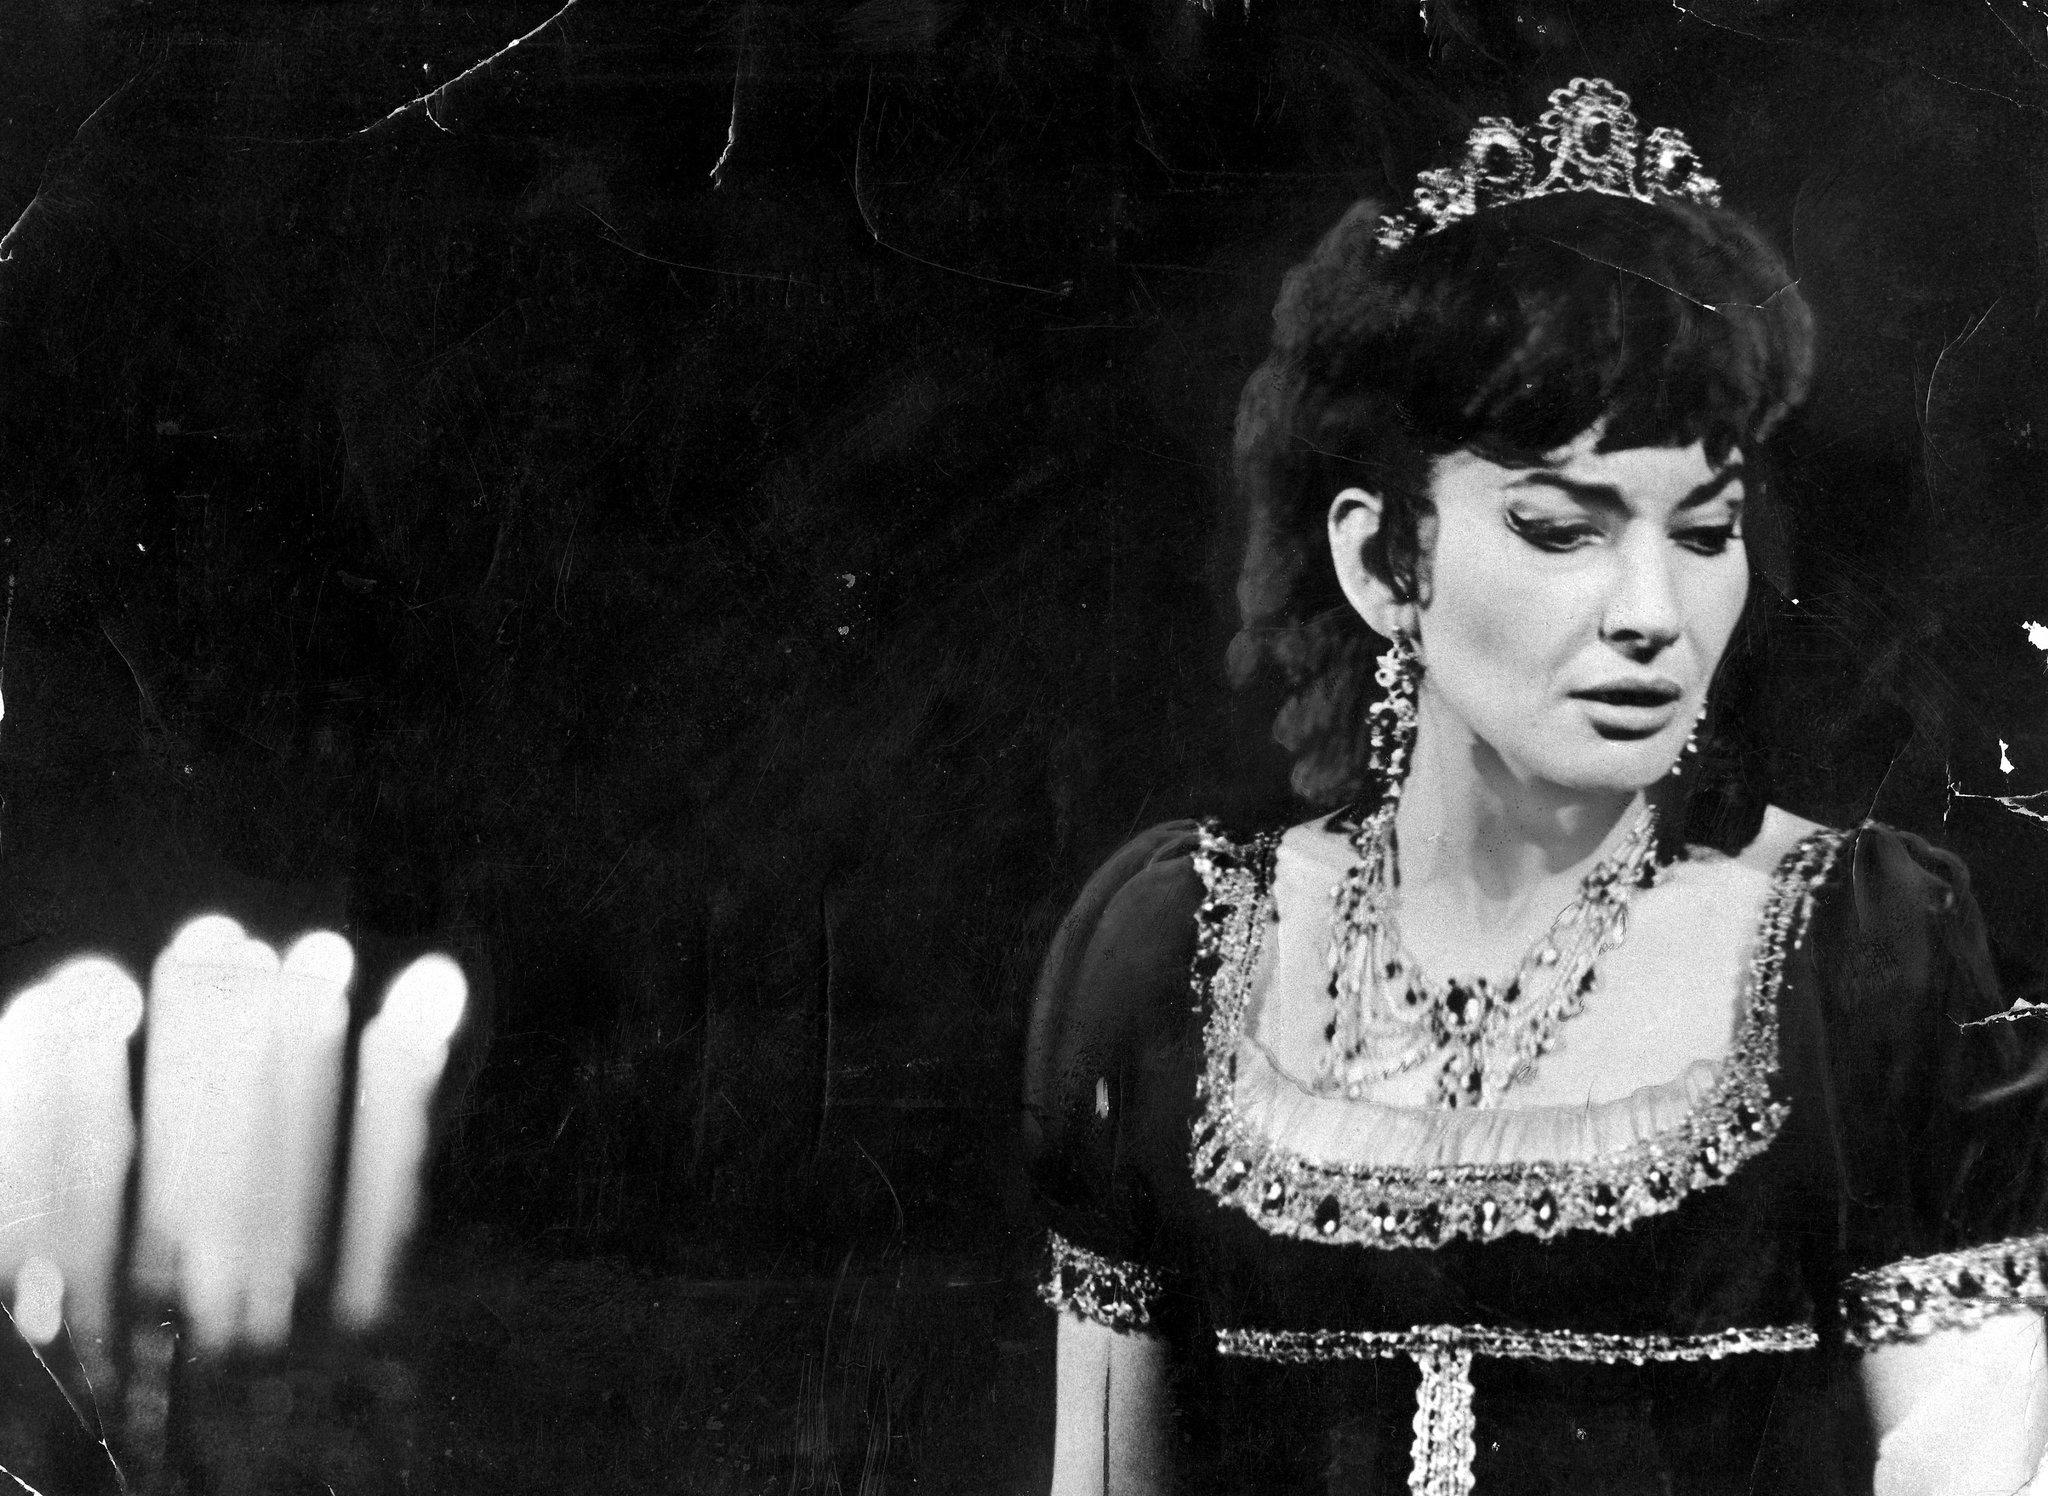 Suicidios operísticos emblemáticos: Tosca